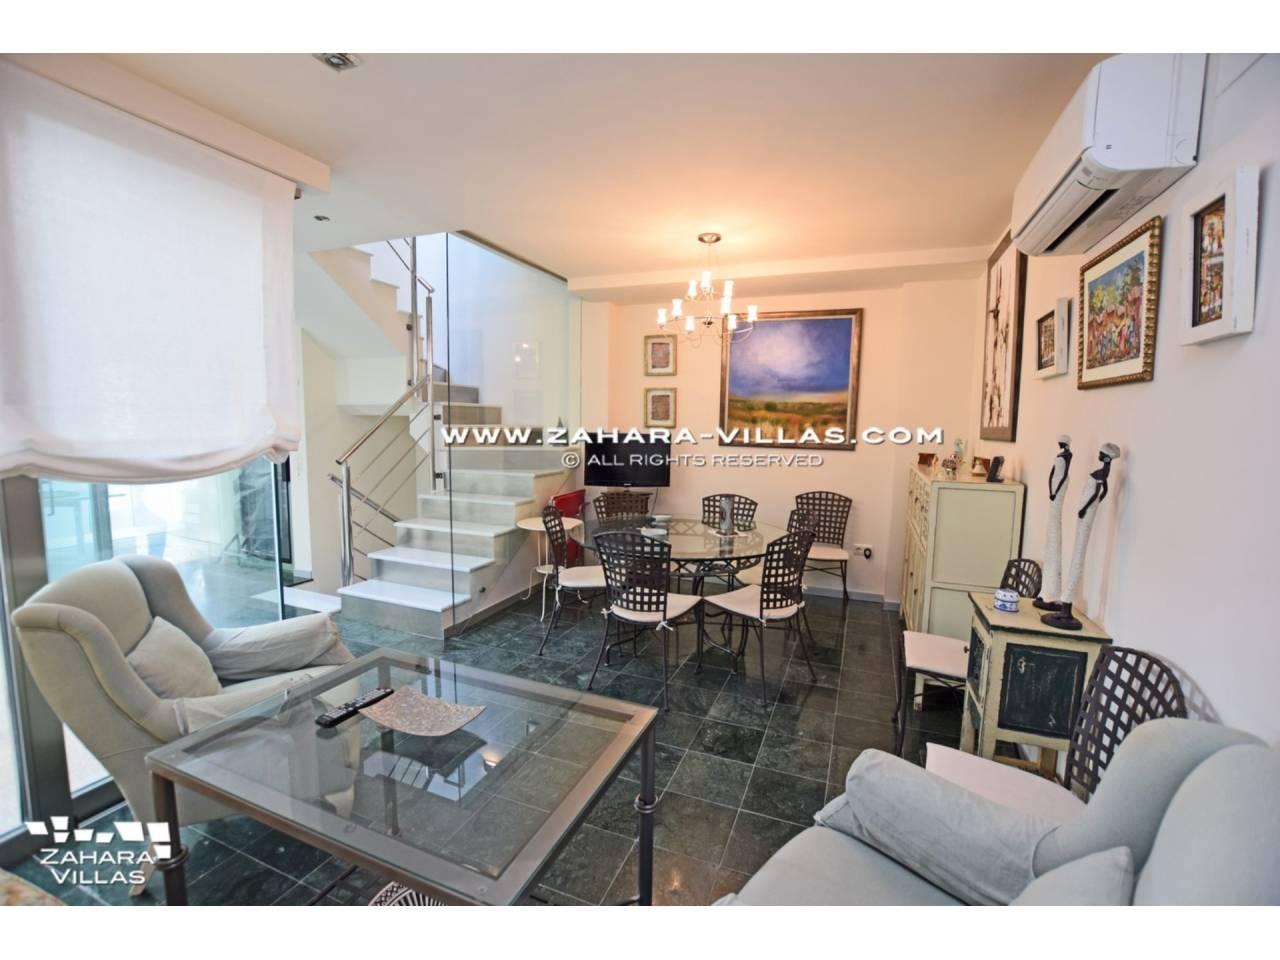 Imagen 22 de House for sale in Zahara de los Atunes